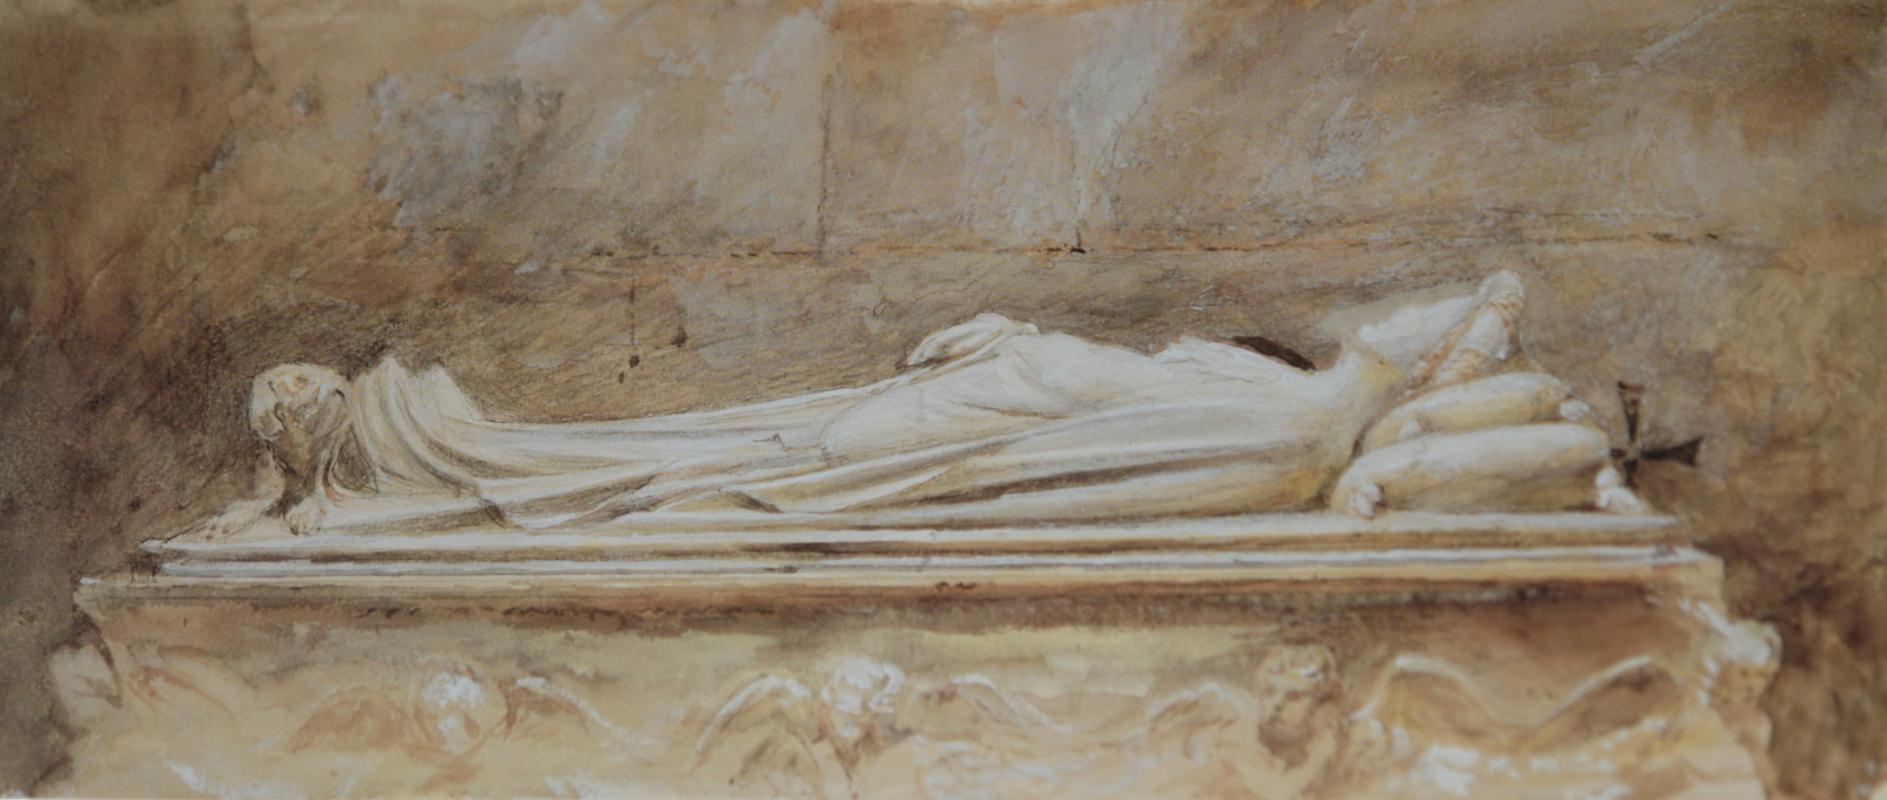 Джон Рёскин. Гробница Илария дель Карретто в Лукке